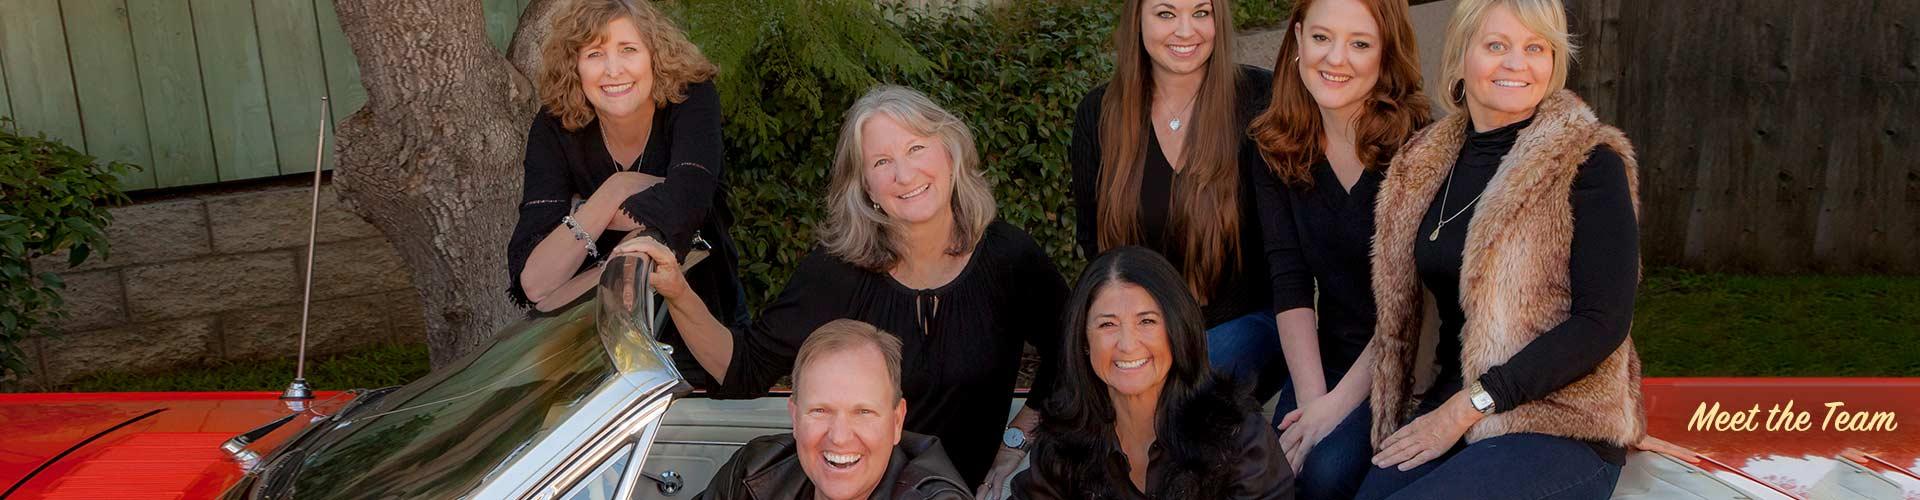 Meet the Team Slider 1 Hurst Orthodontics in Carlsbad, CA